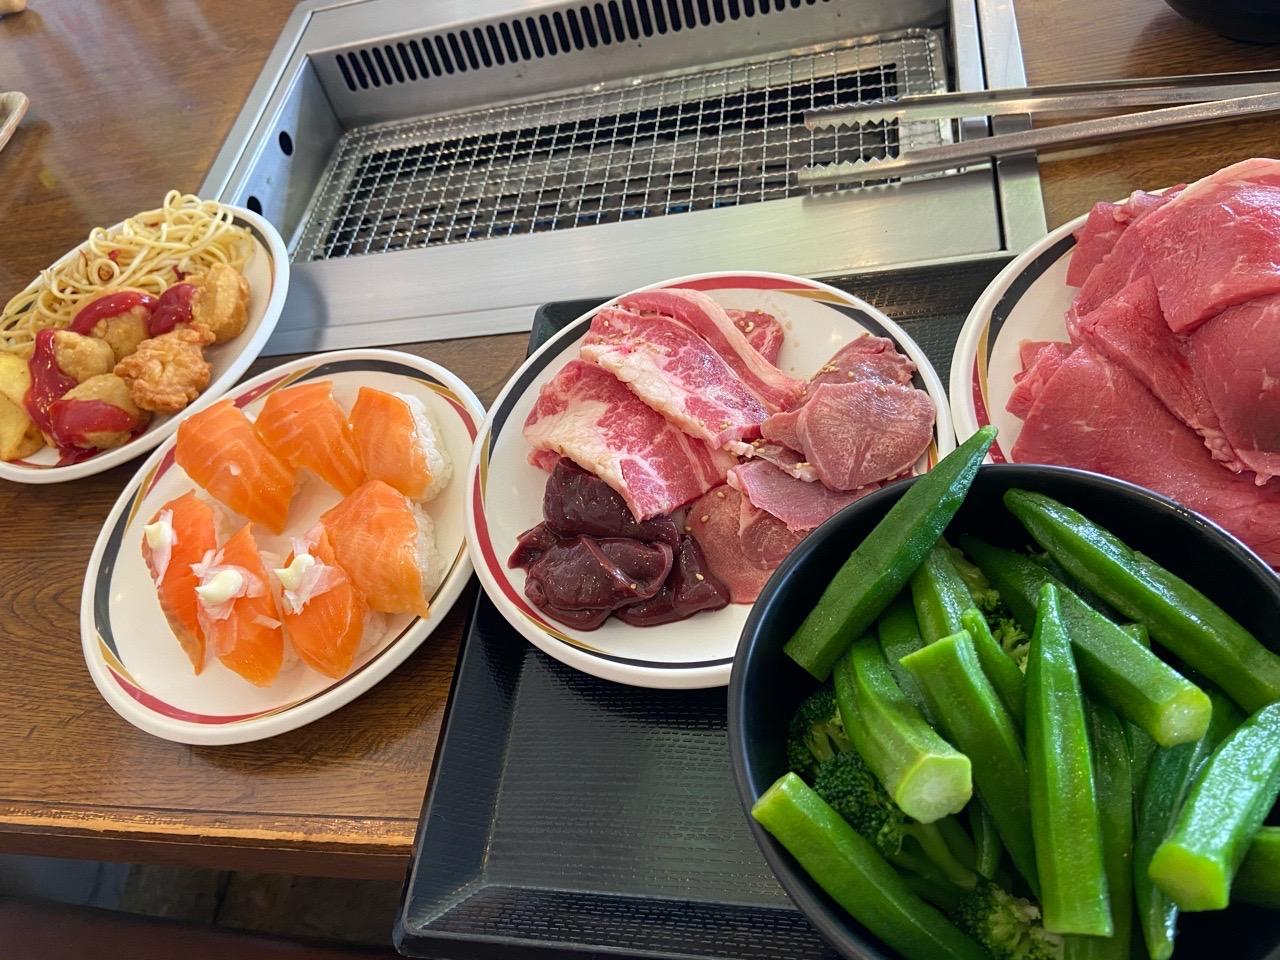 【画像】ワイぼっち一人で寿司と焼肉食べ放題に来た